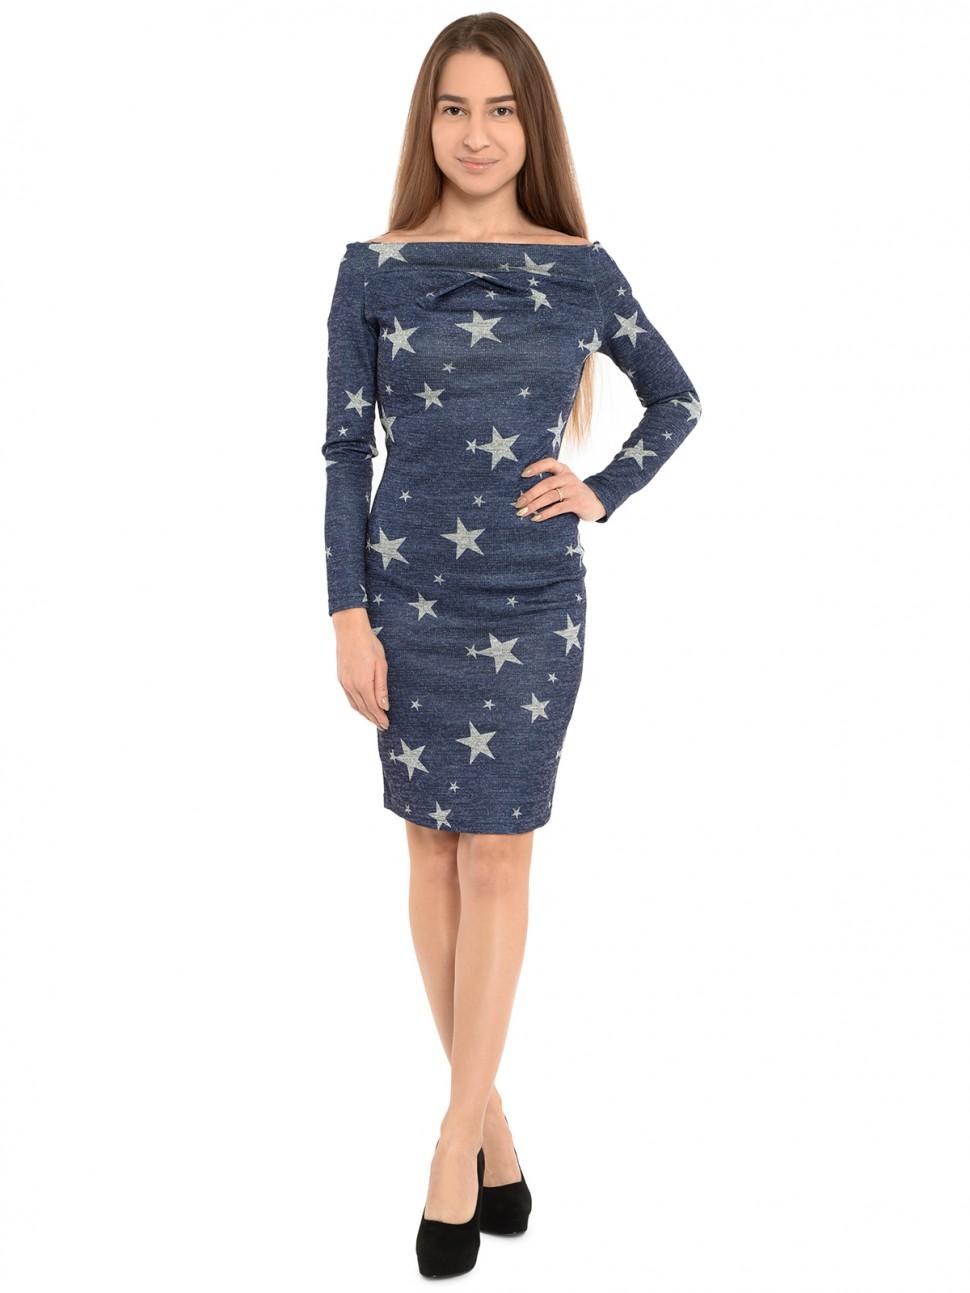 b21123c9a60 Купить стильное трикотажное платье звезды